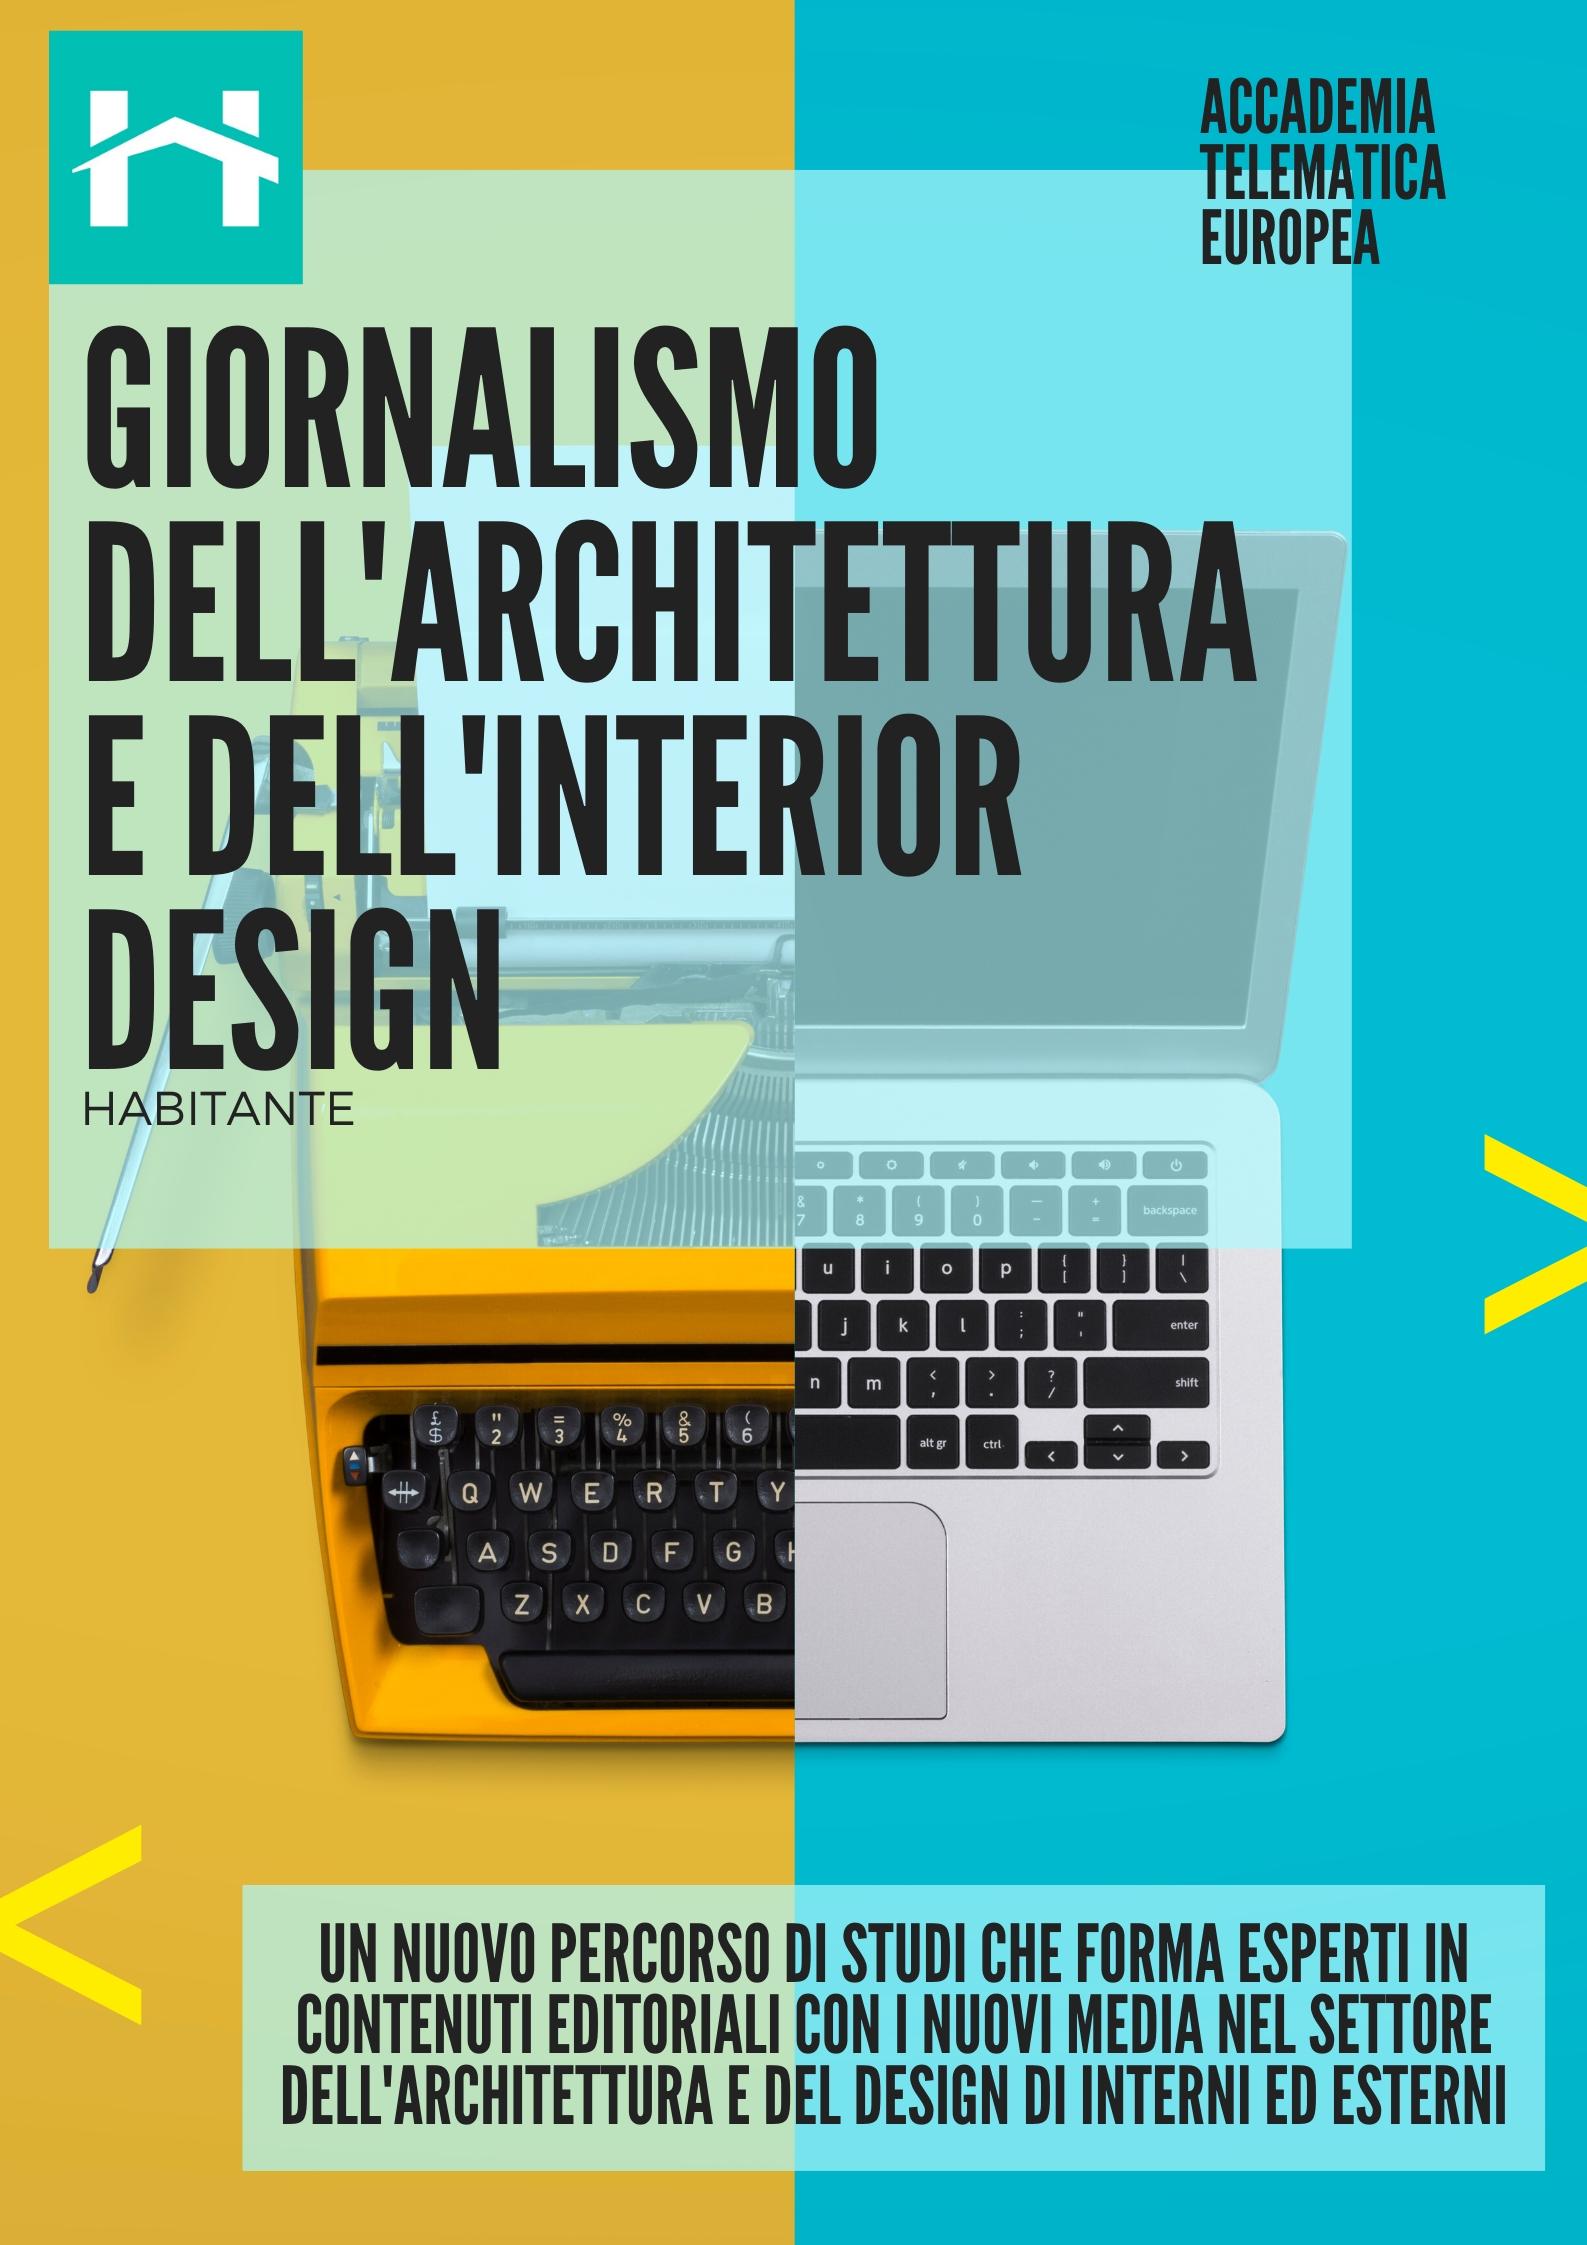 GIORNALISMO DELL'ARCHITETTURA E DELL'INTERIOR DESIGN